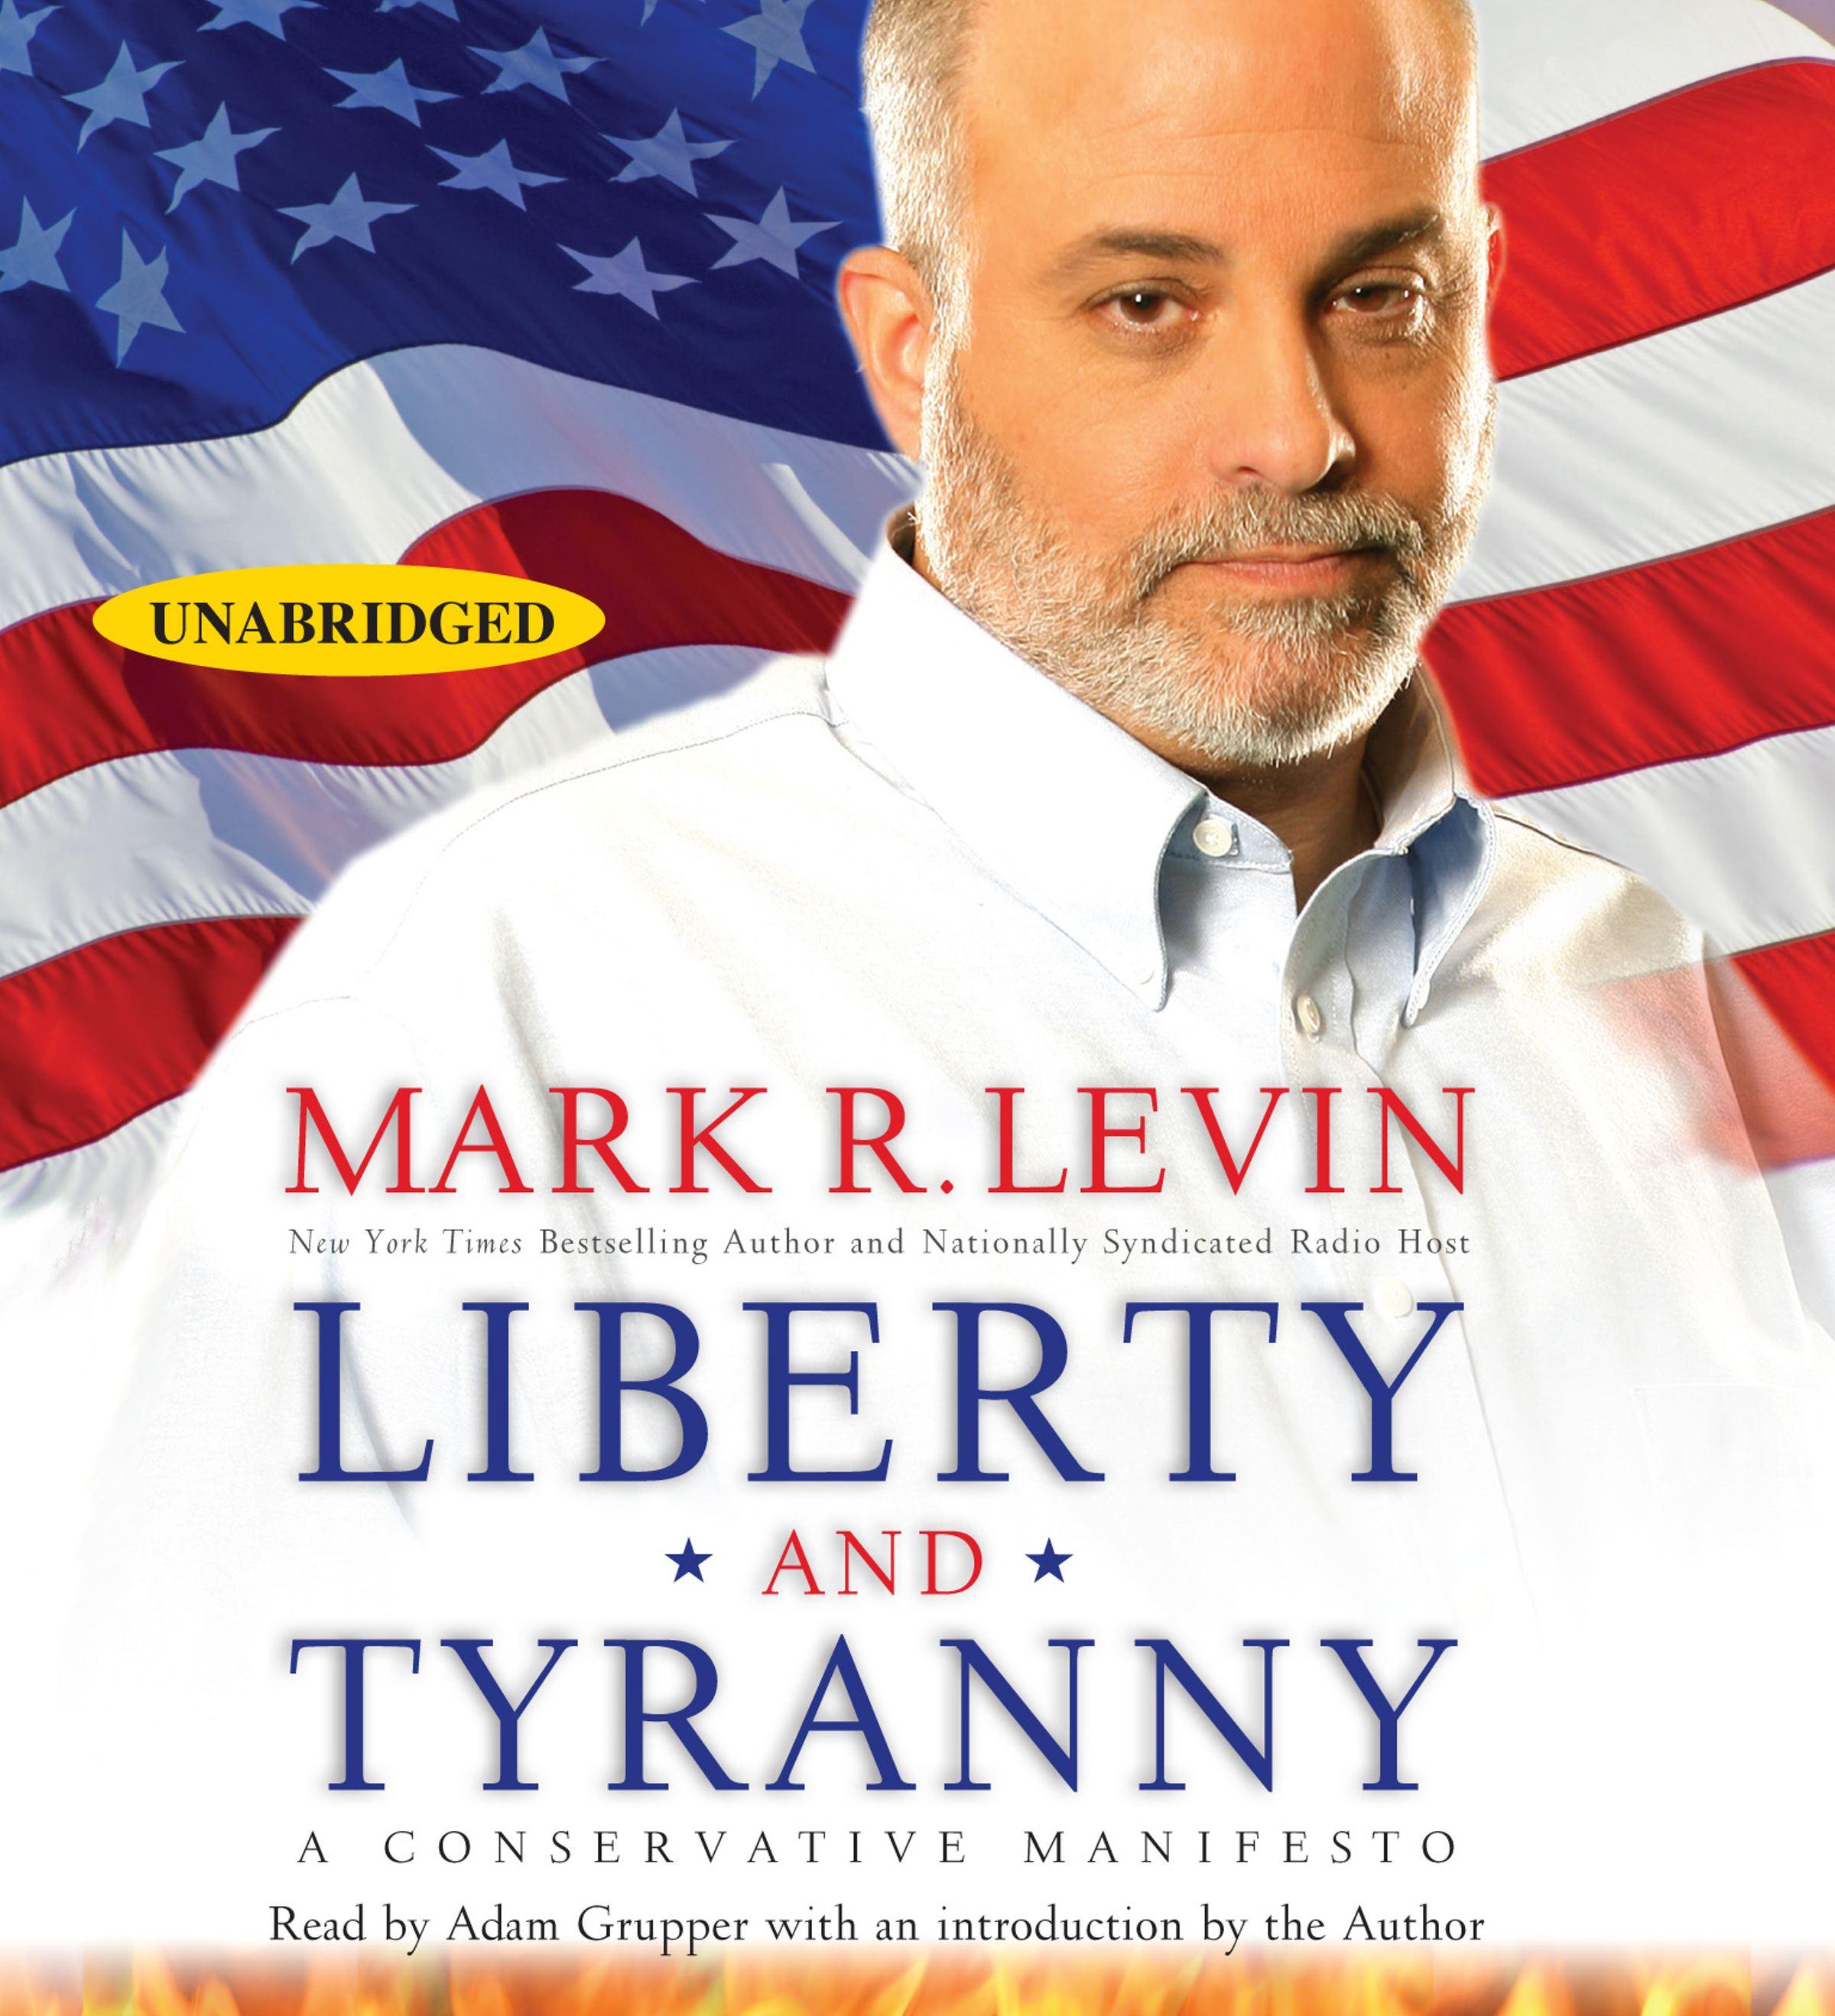 Liberty and tyranny 9780743572217 hr